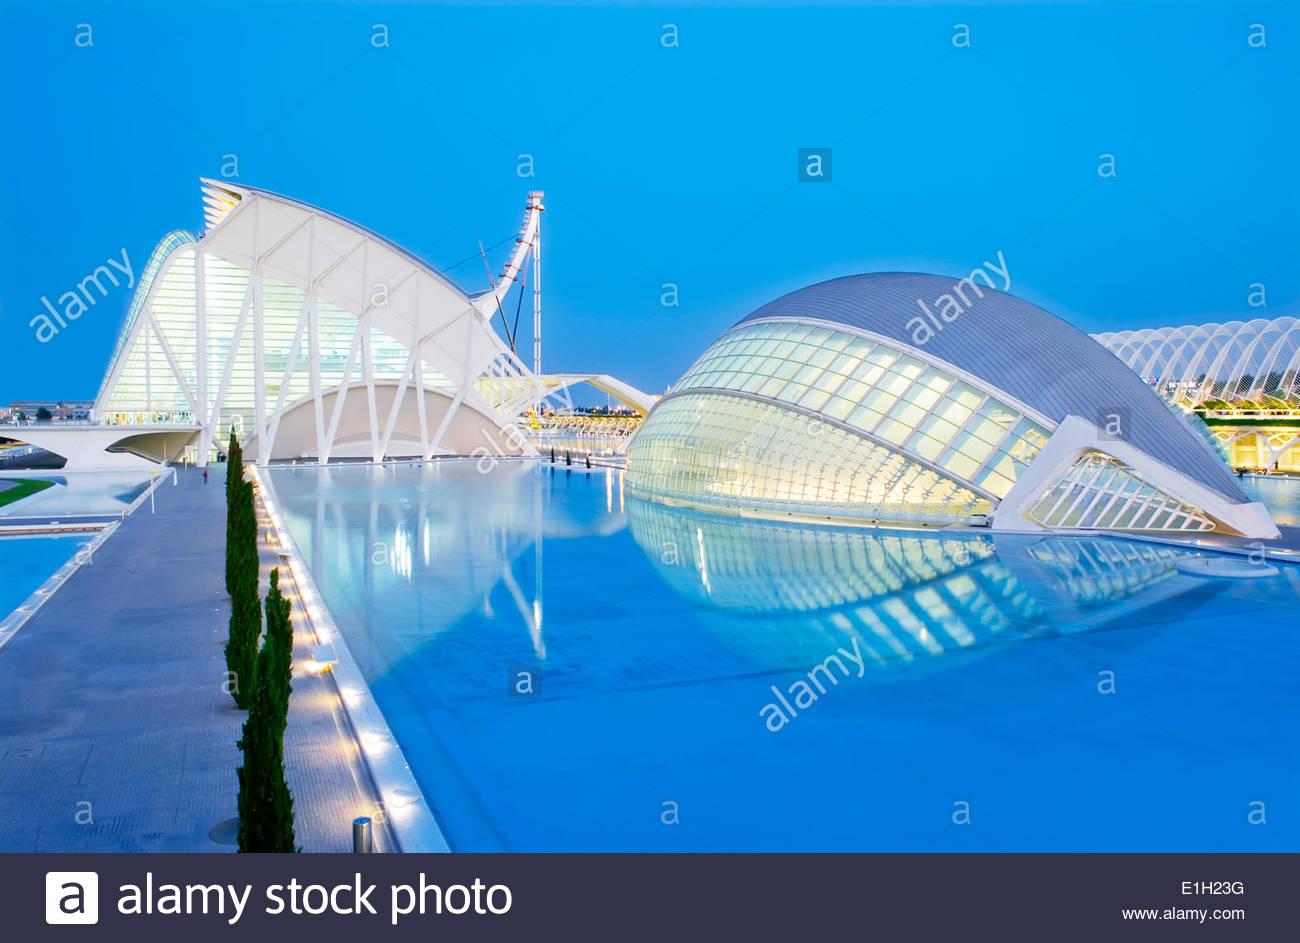 Abenddämmerung in der Stadt der Künste und Wissenschaften, Valencia, Spanien Stockbild